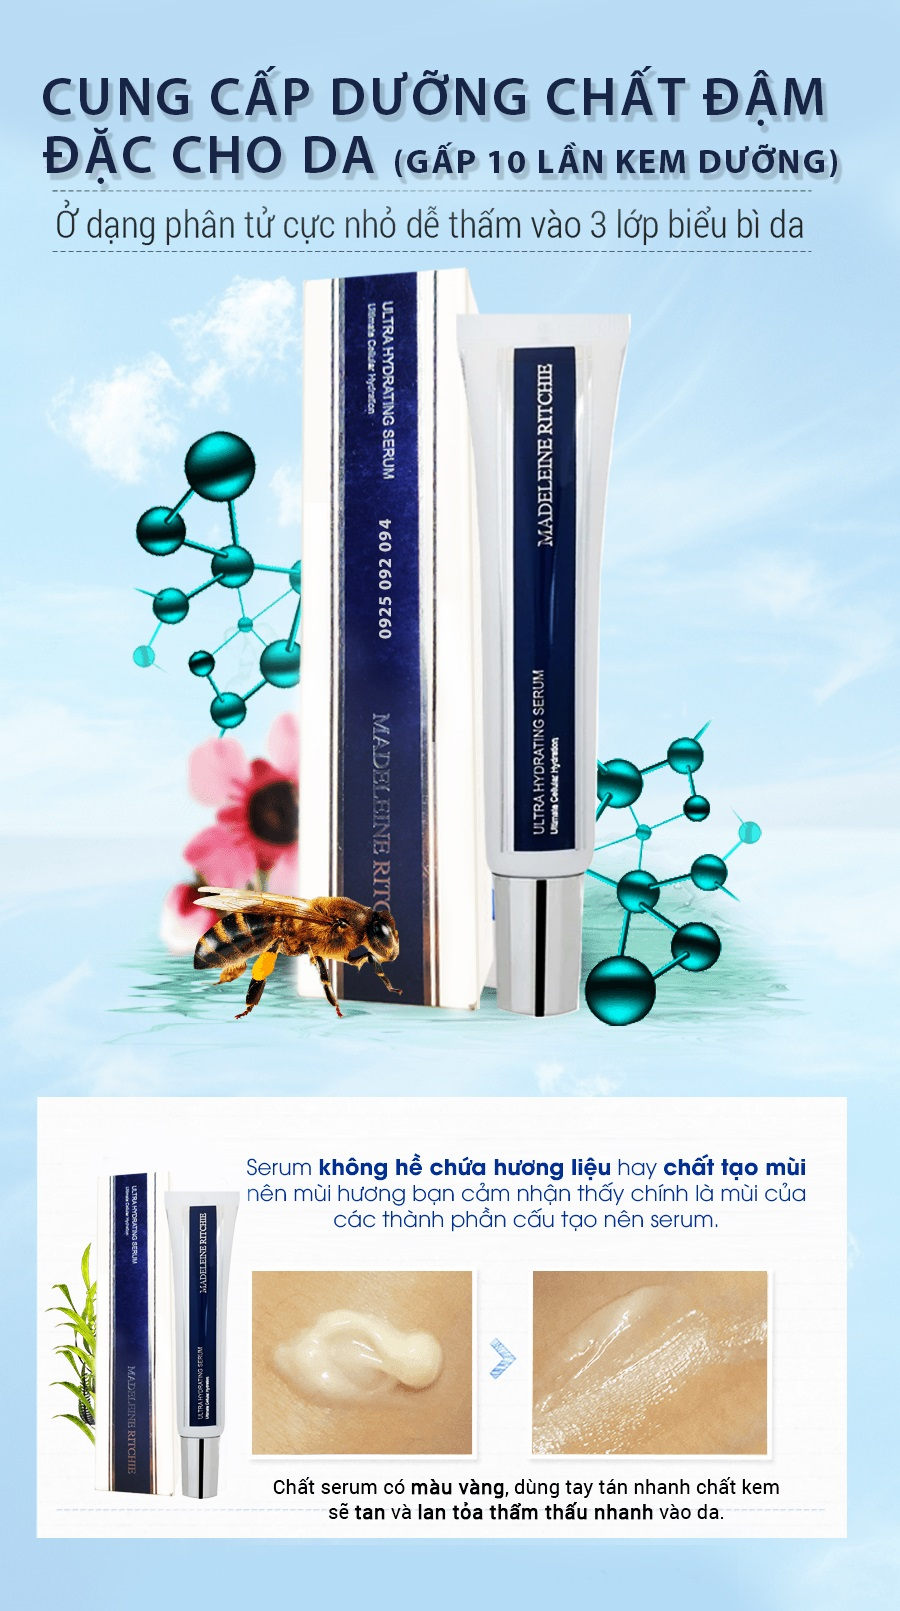 Serum siêu cấp nước, dưỡng ẩm, chống lão hóa từ mật ong Manuka và Sữa ong chúa: Ultra Hydrating Serum